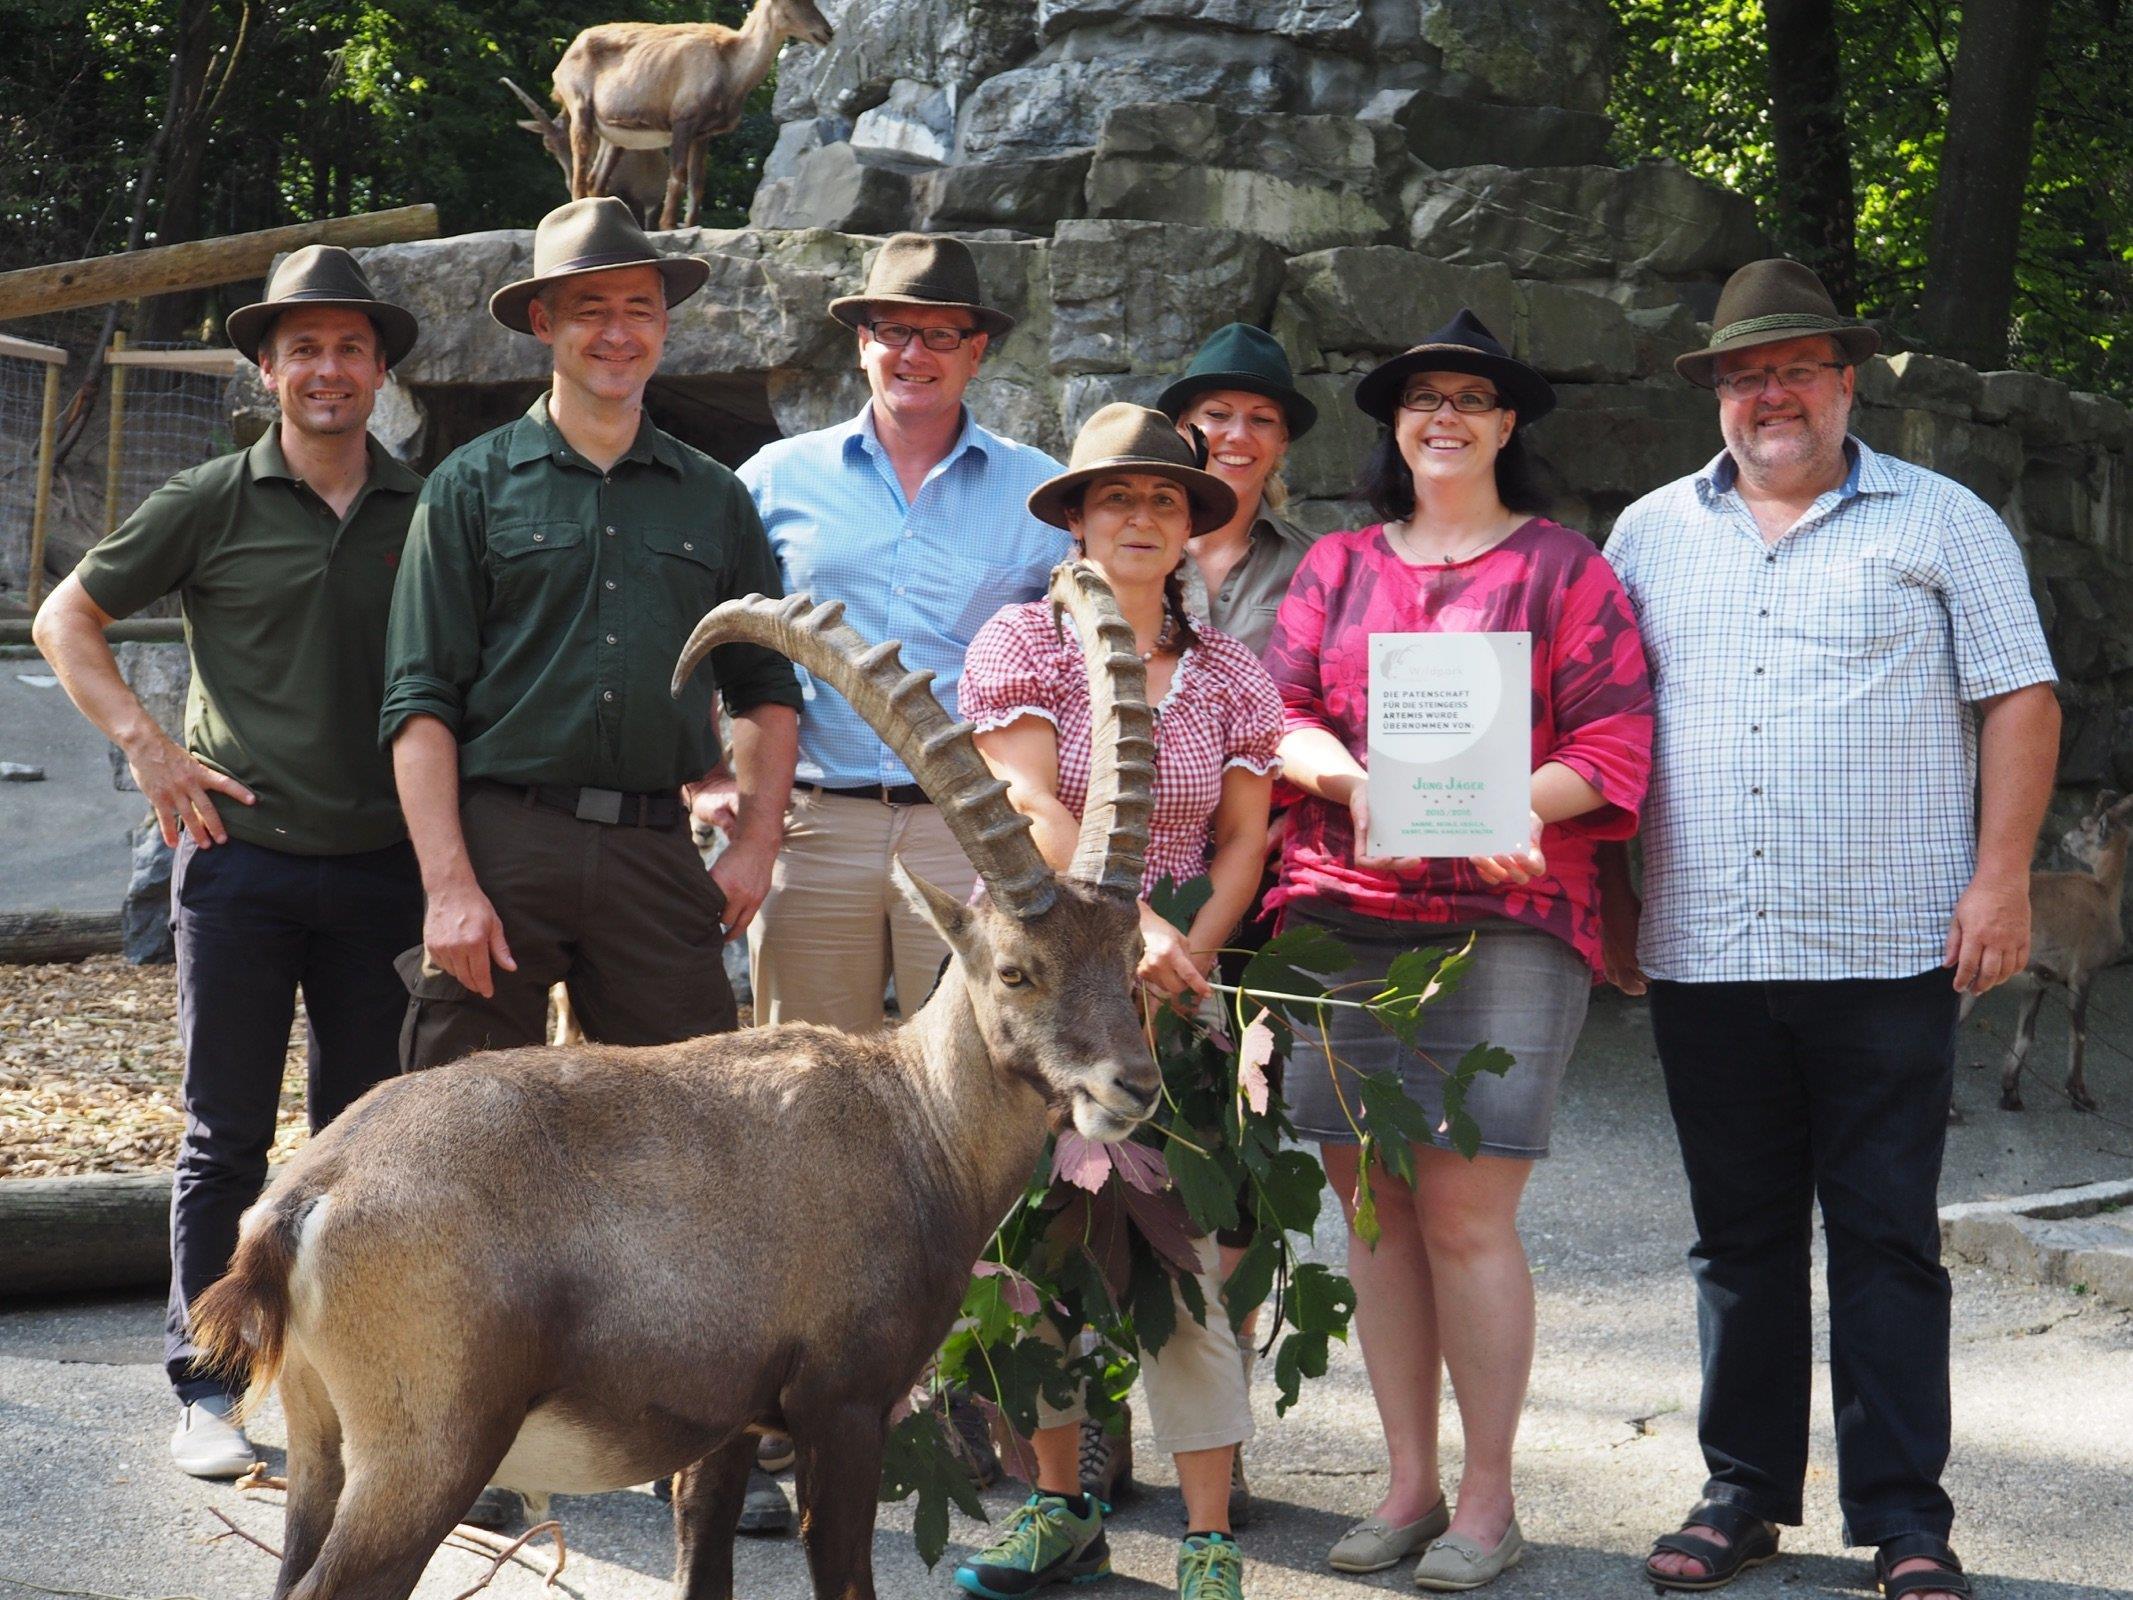 Die Jungjäger Sabine, Nicole, Ursula, Ernst, Ingo, Harald und Walter nahmen den Abschluss ihrer Jagdprüfung zum Anlass, den Wildpark mit einer Patenschaft zu unterstützen.